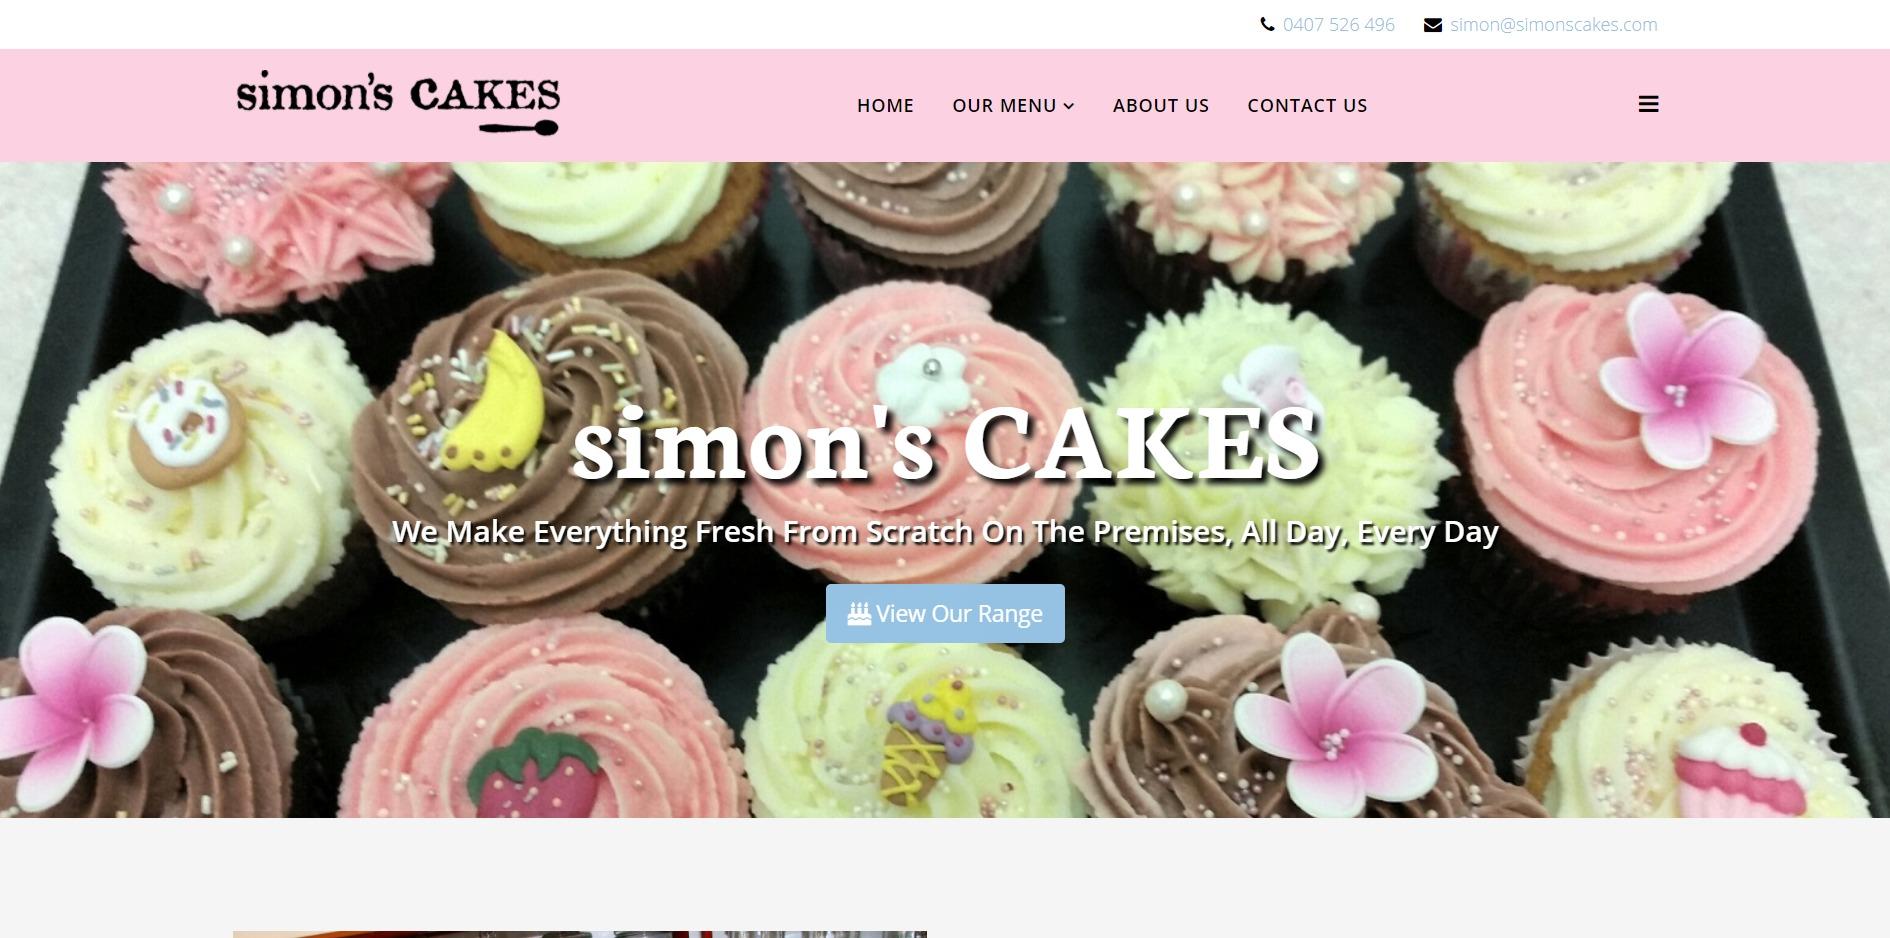 Simon's Cakes